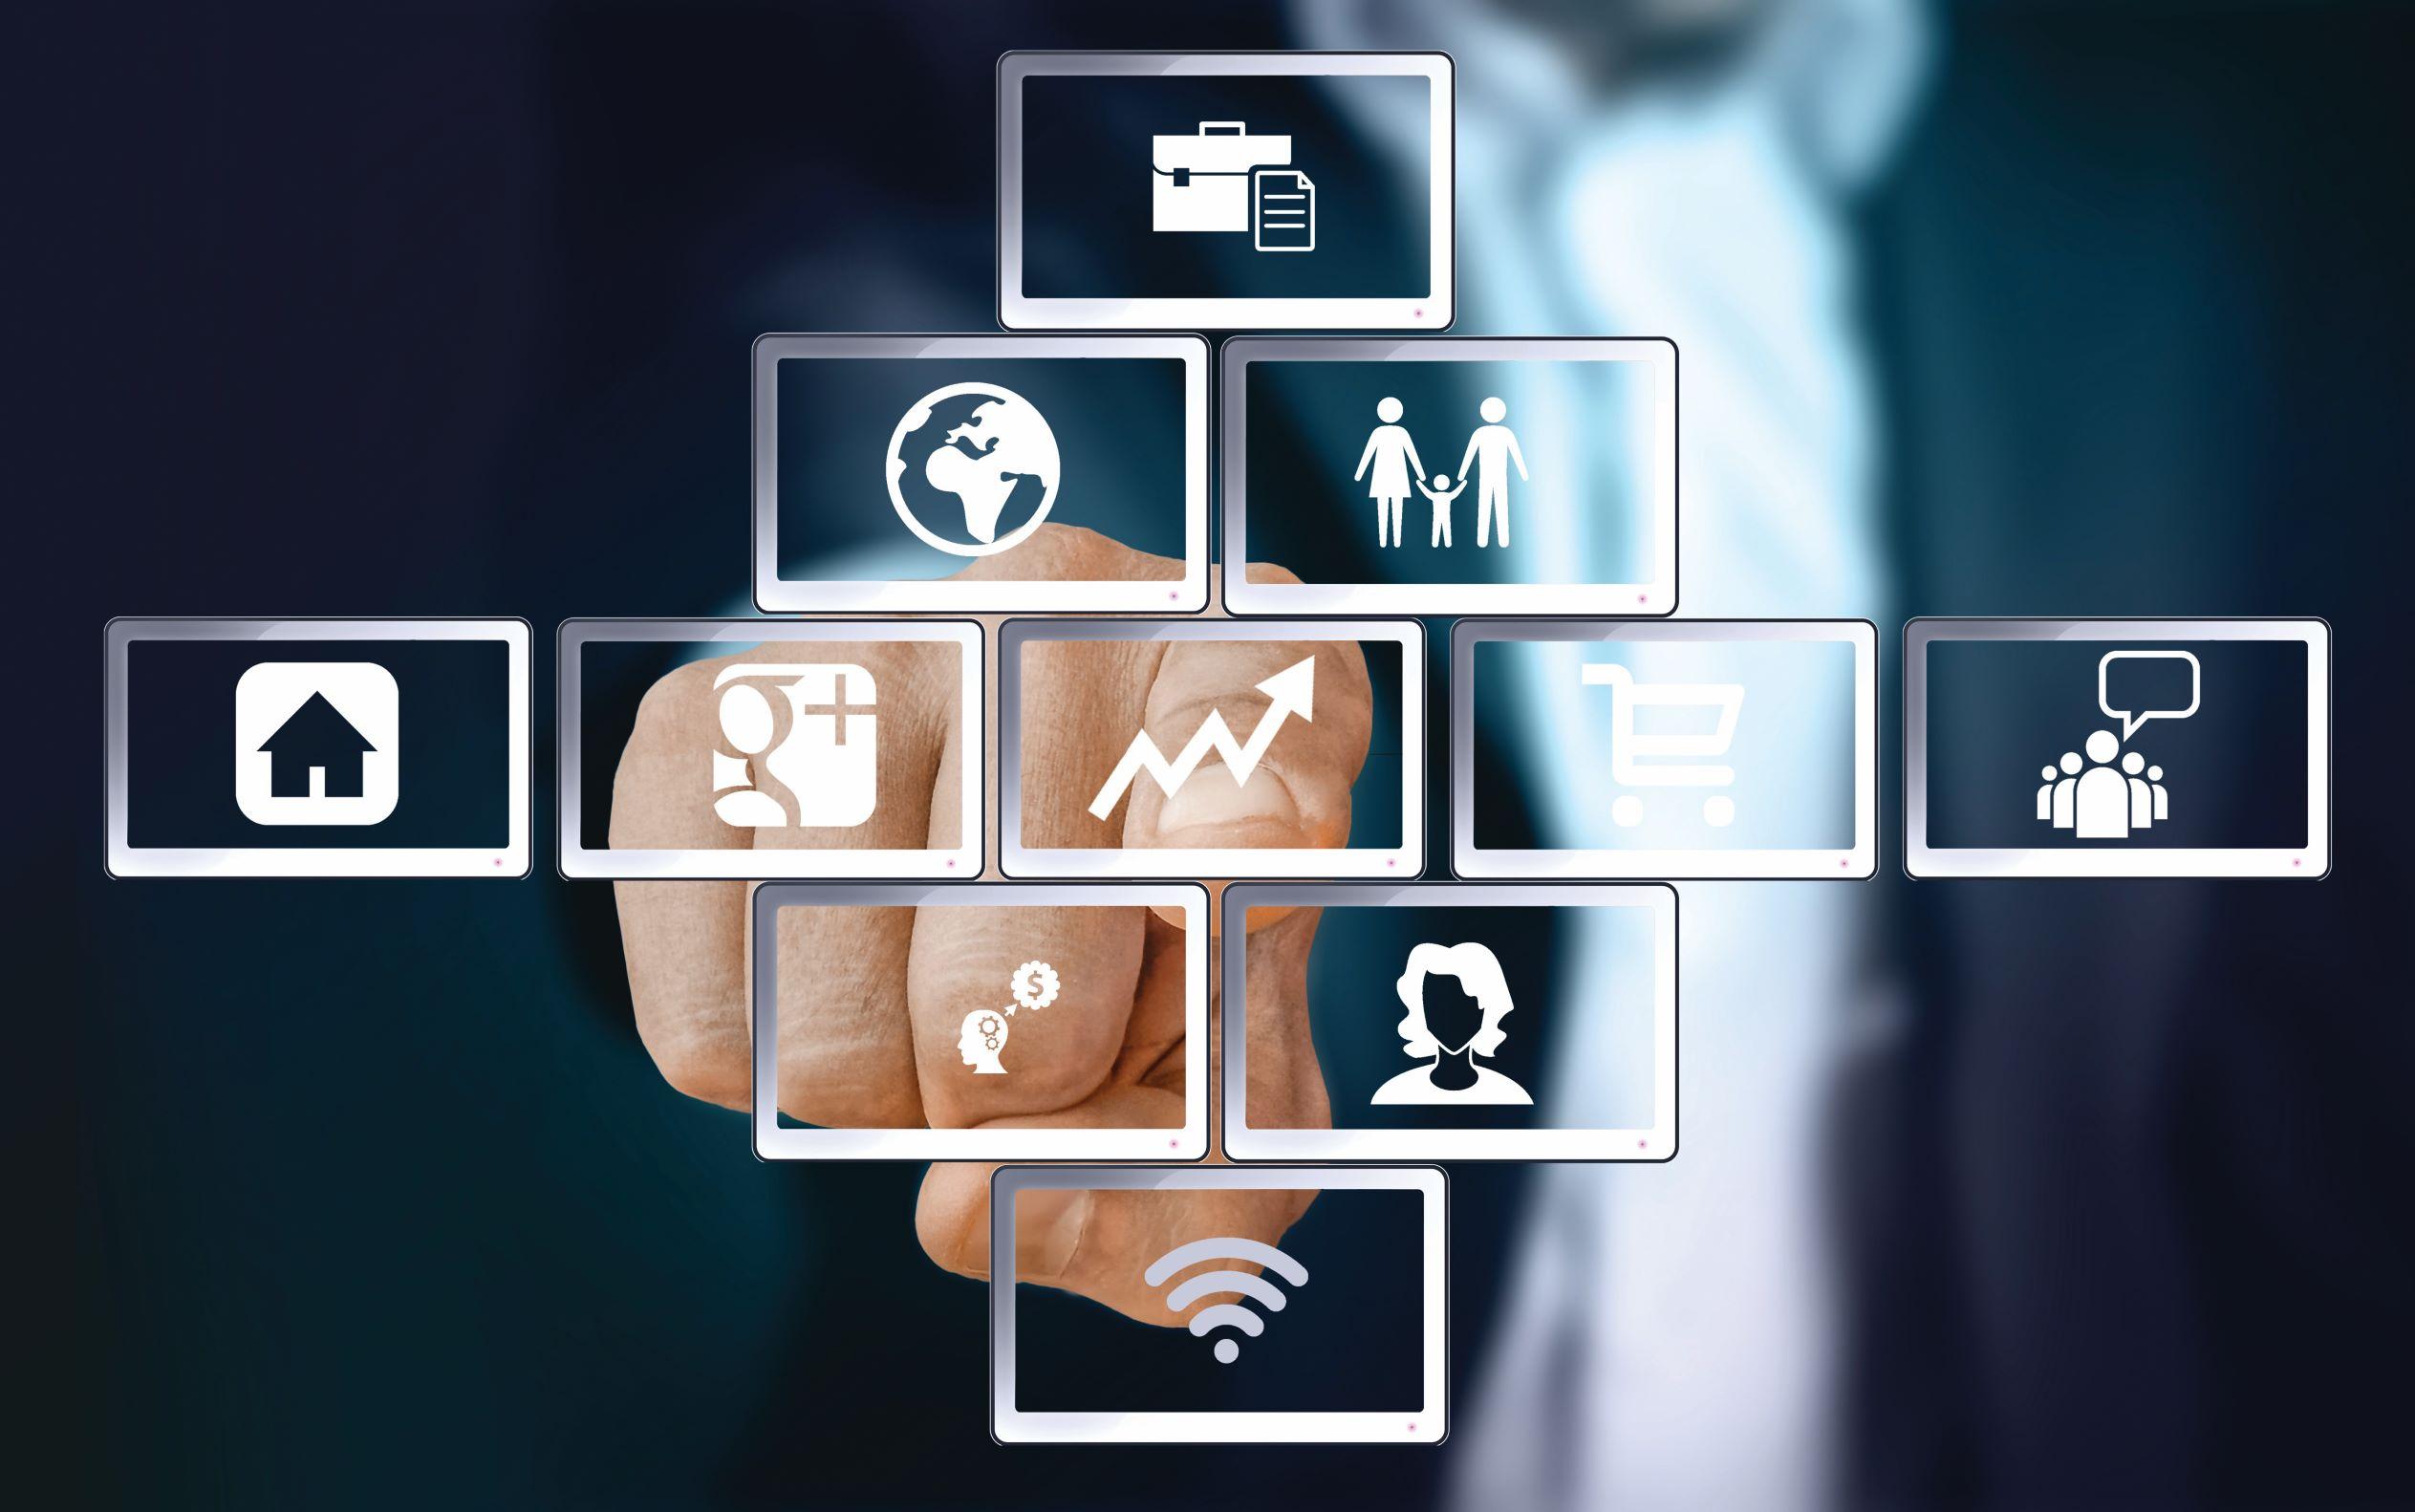 Анонс № 1 (53) 2020 г. журнала «Management», Александр Брилёнок, автоматизация, система менеджмента качества, цифровое предприятие